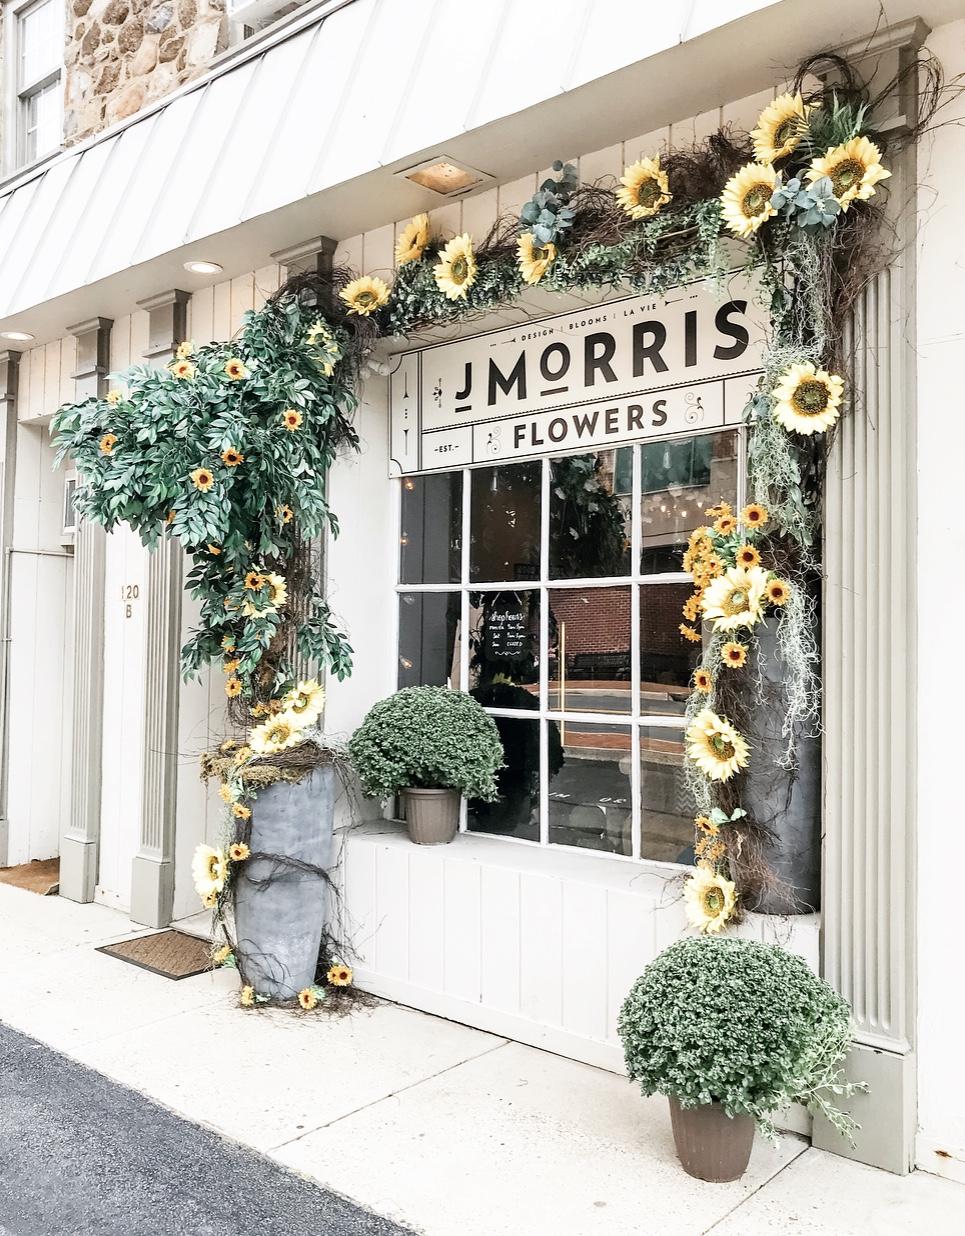 jmorris-flowers-leesburg-floral-shop.jpg